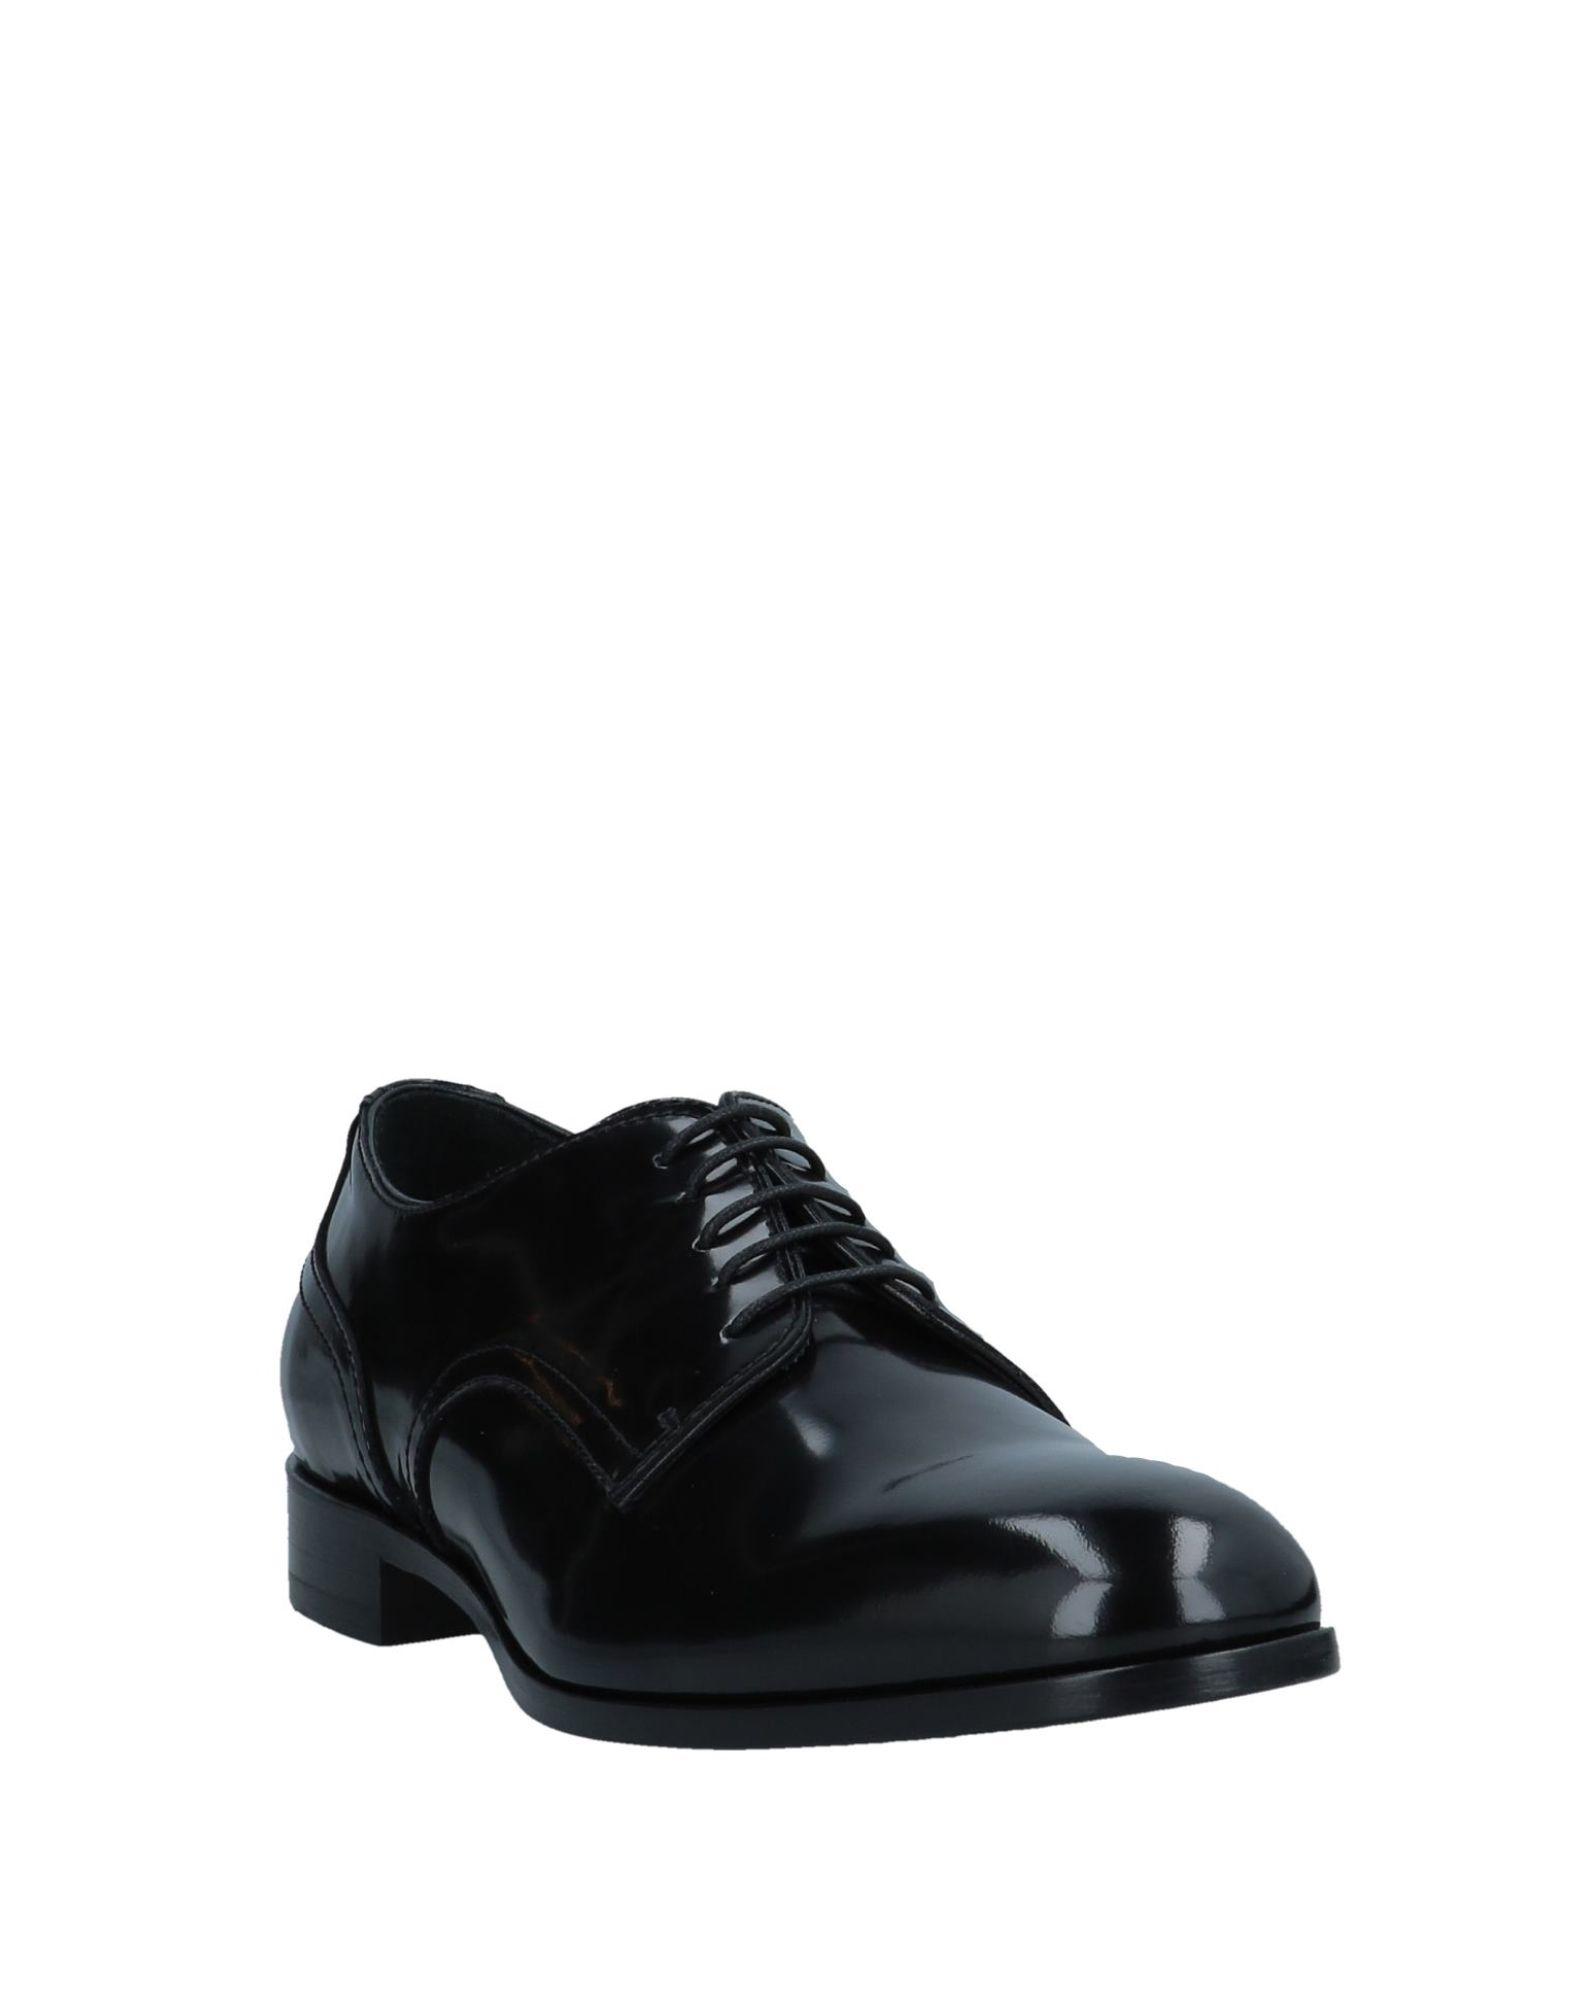 Dsquared2 Schnürschuhe strapazierfähige Damen  11553081RHGut aussehende strapazierfähige Schnürschuhe Schuhe 5af00a